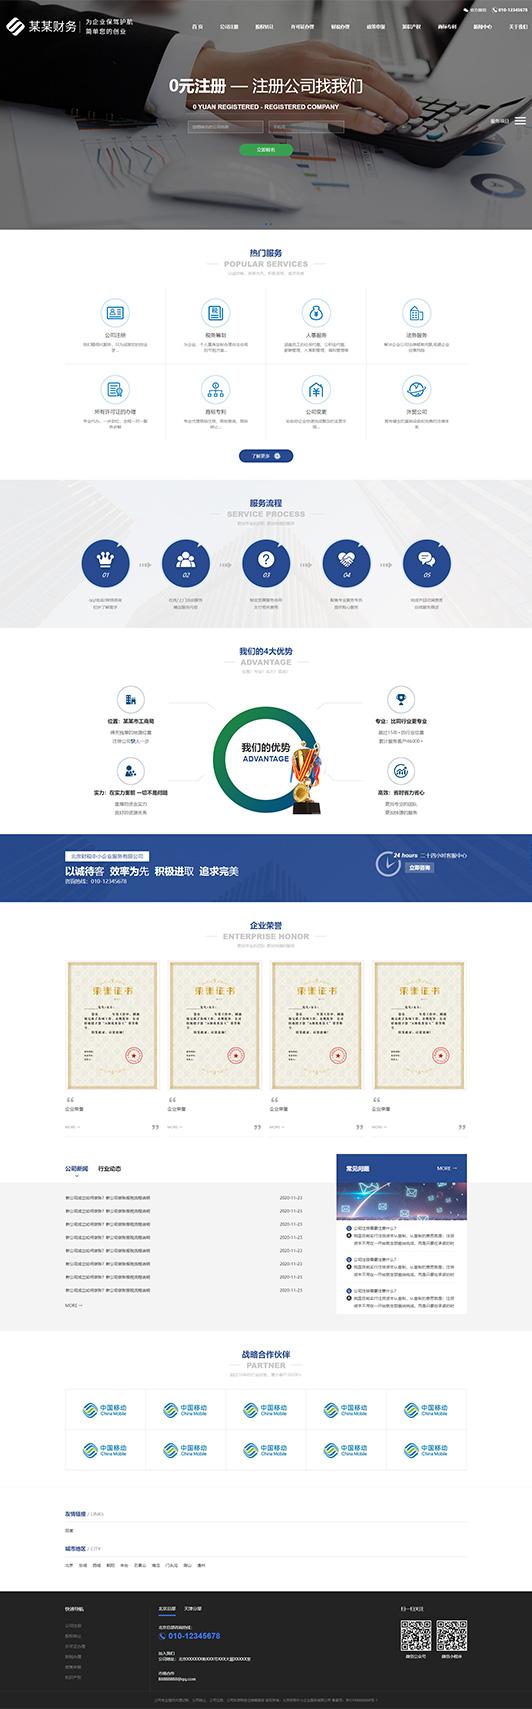 工商财税公司网站通用营销型模板